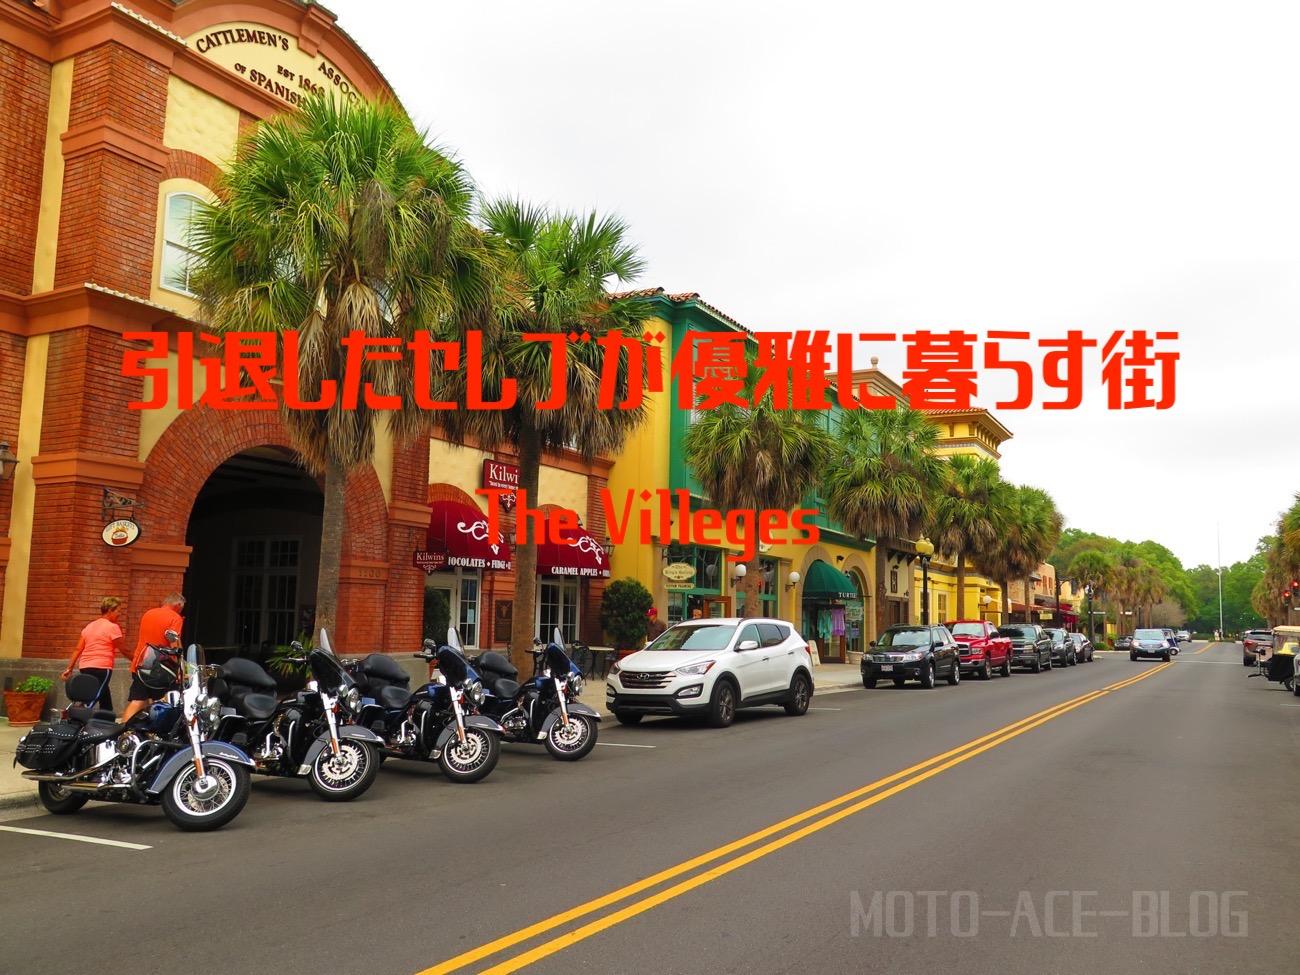 バイクでアメリカ横断7|余生を楽しむセレブが集うザ・ビレッジがハンパない!!